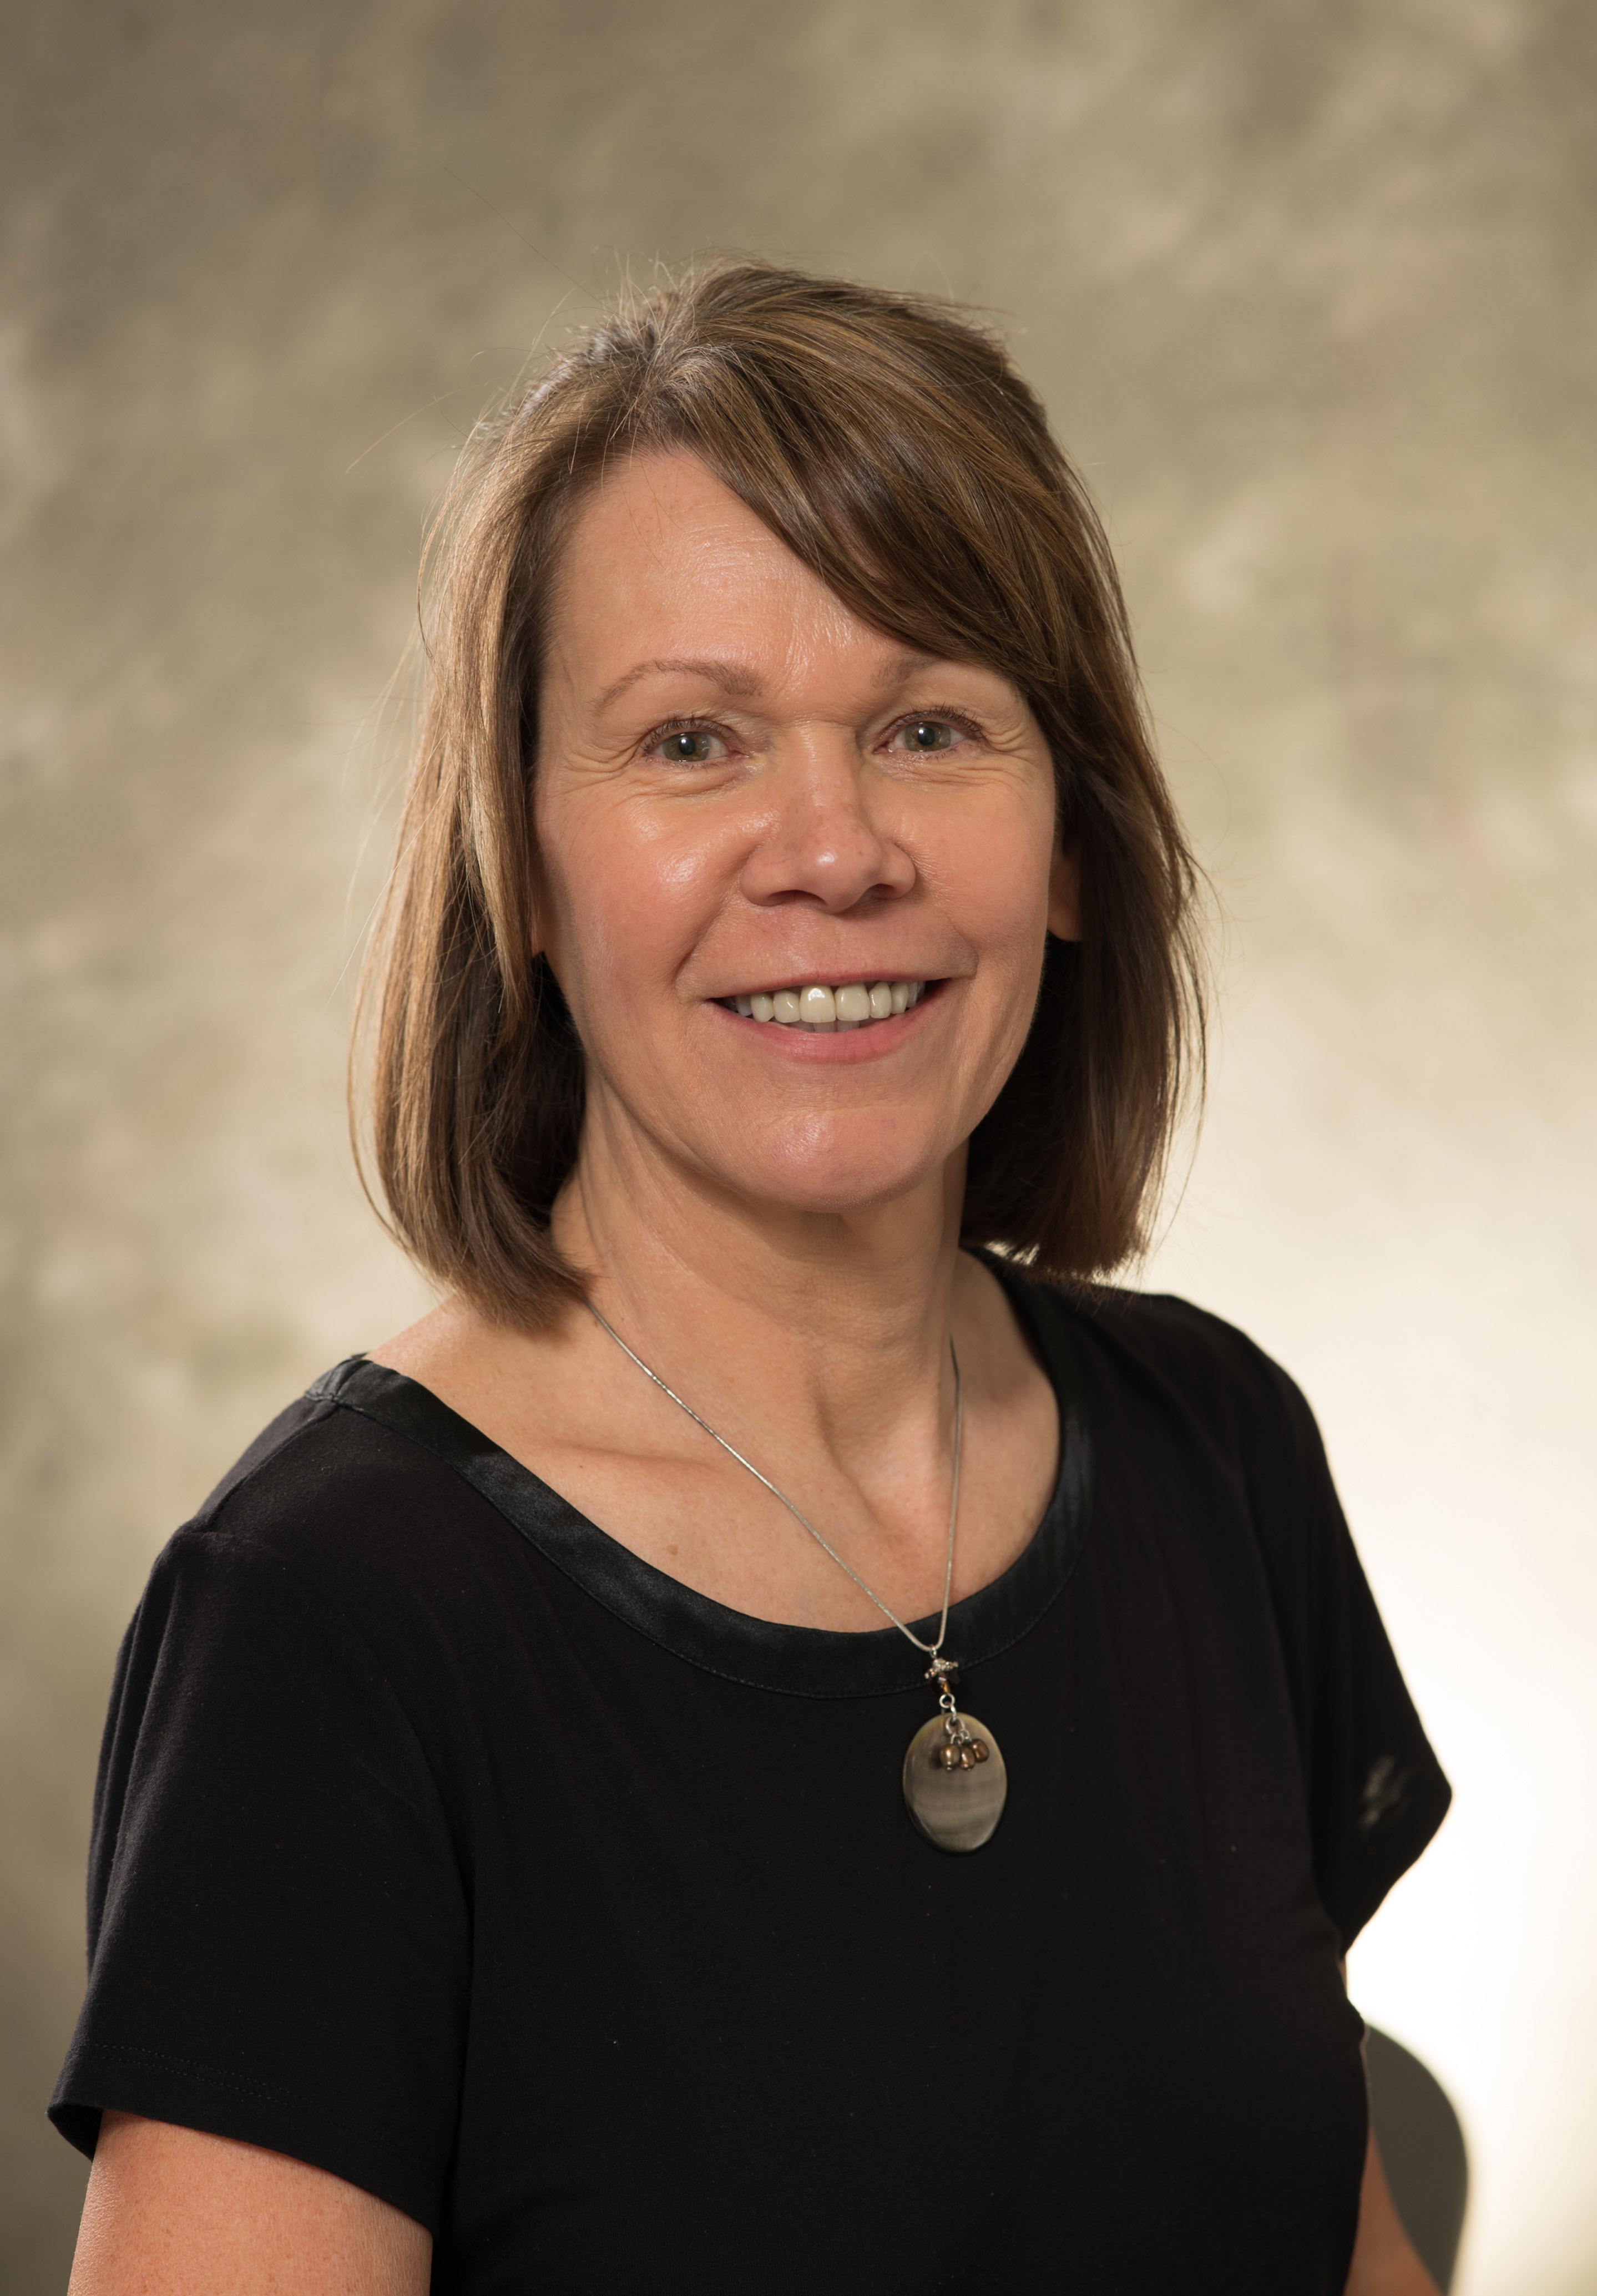 Ann C. Benefiel-Kunkel's directory photo.